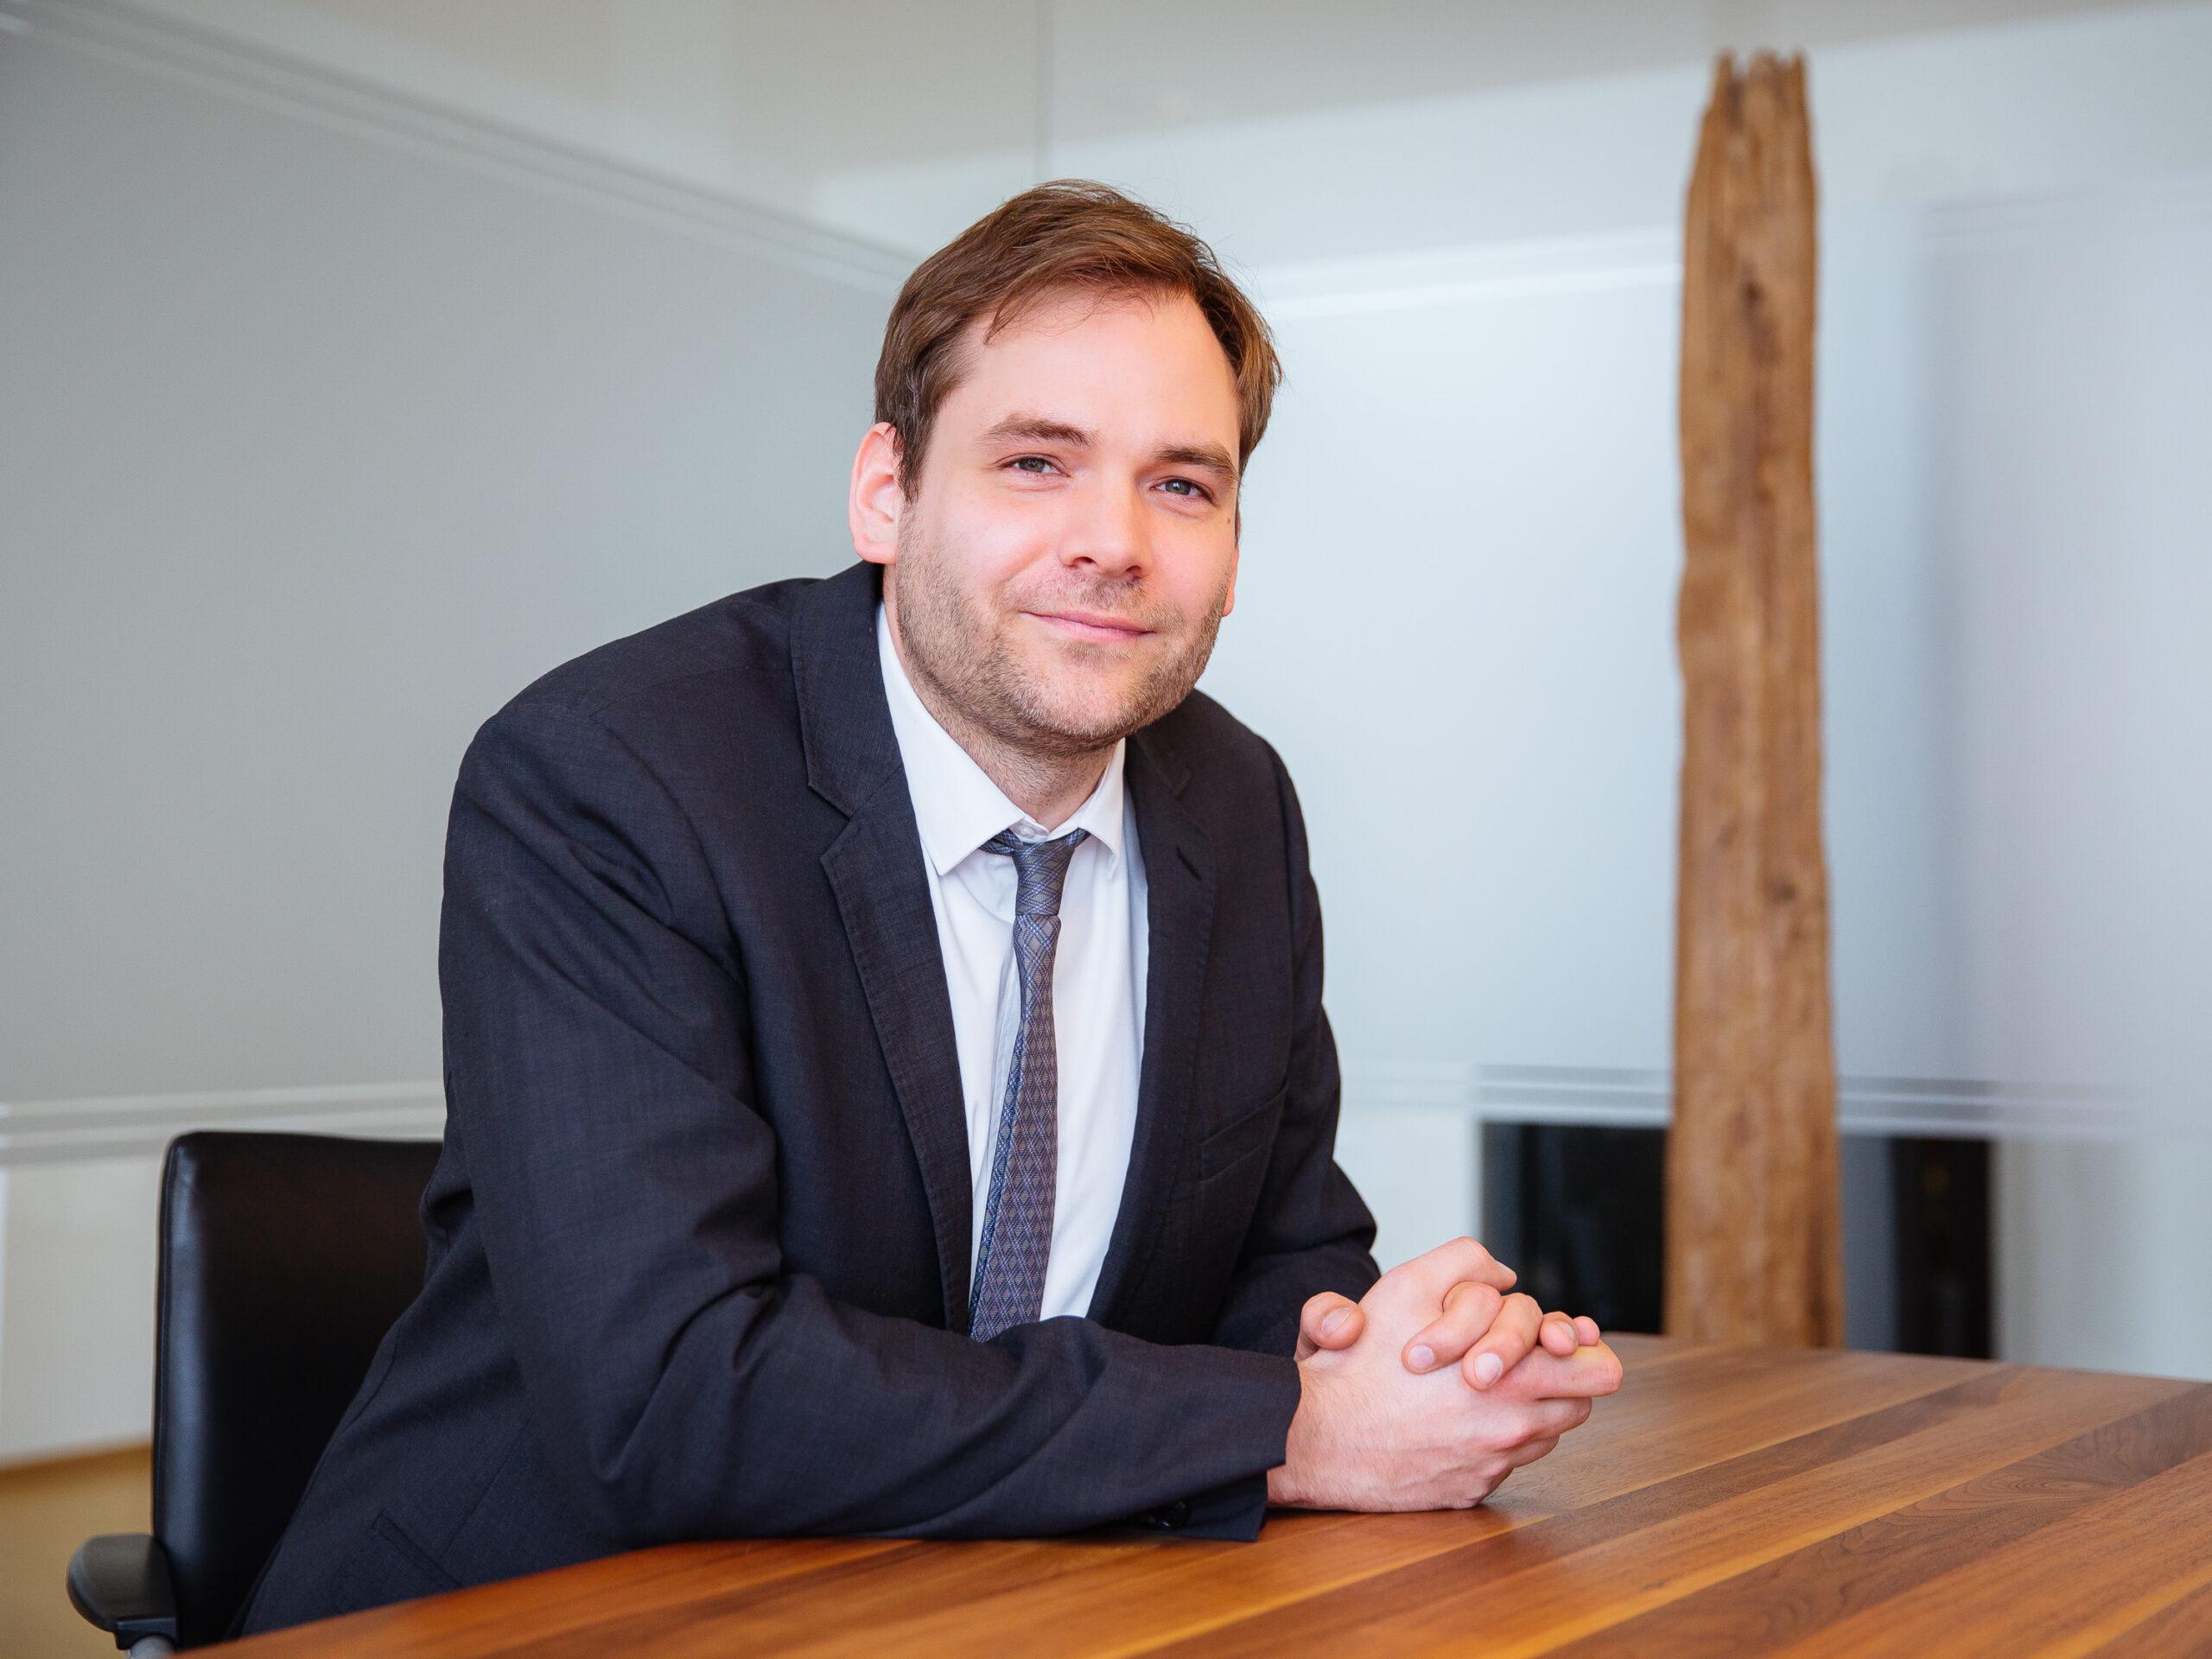 David Ruhkopf, Fachanwalt für Miet- und Wohnungseigentumsrecht